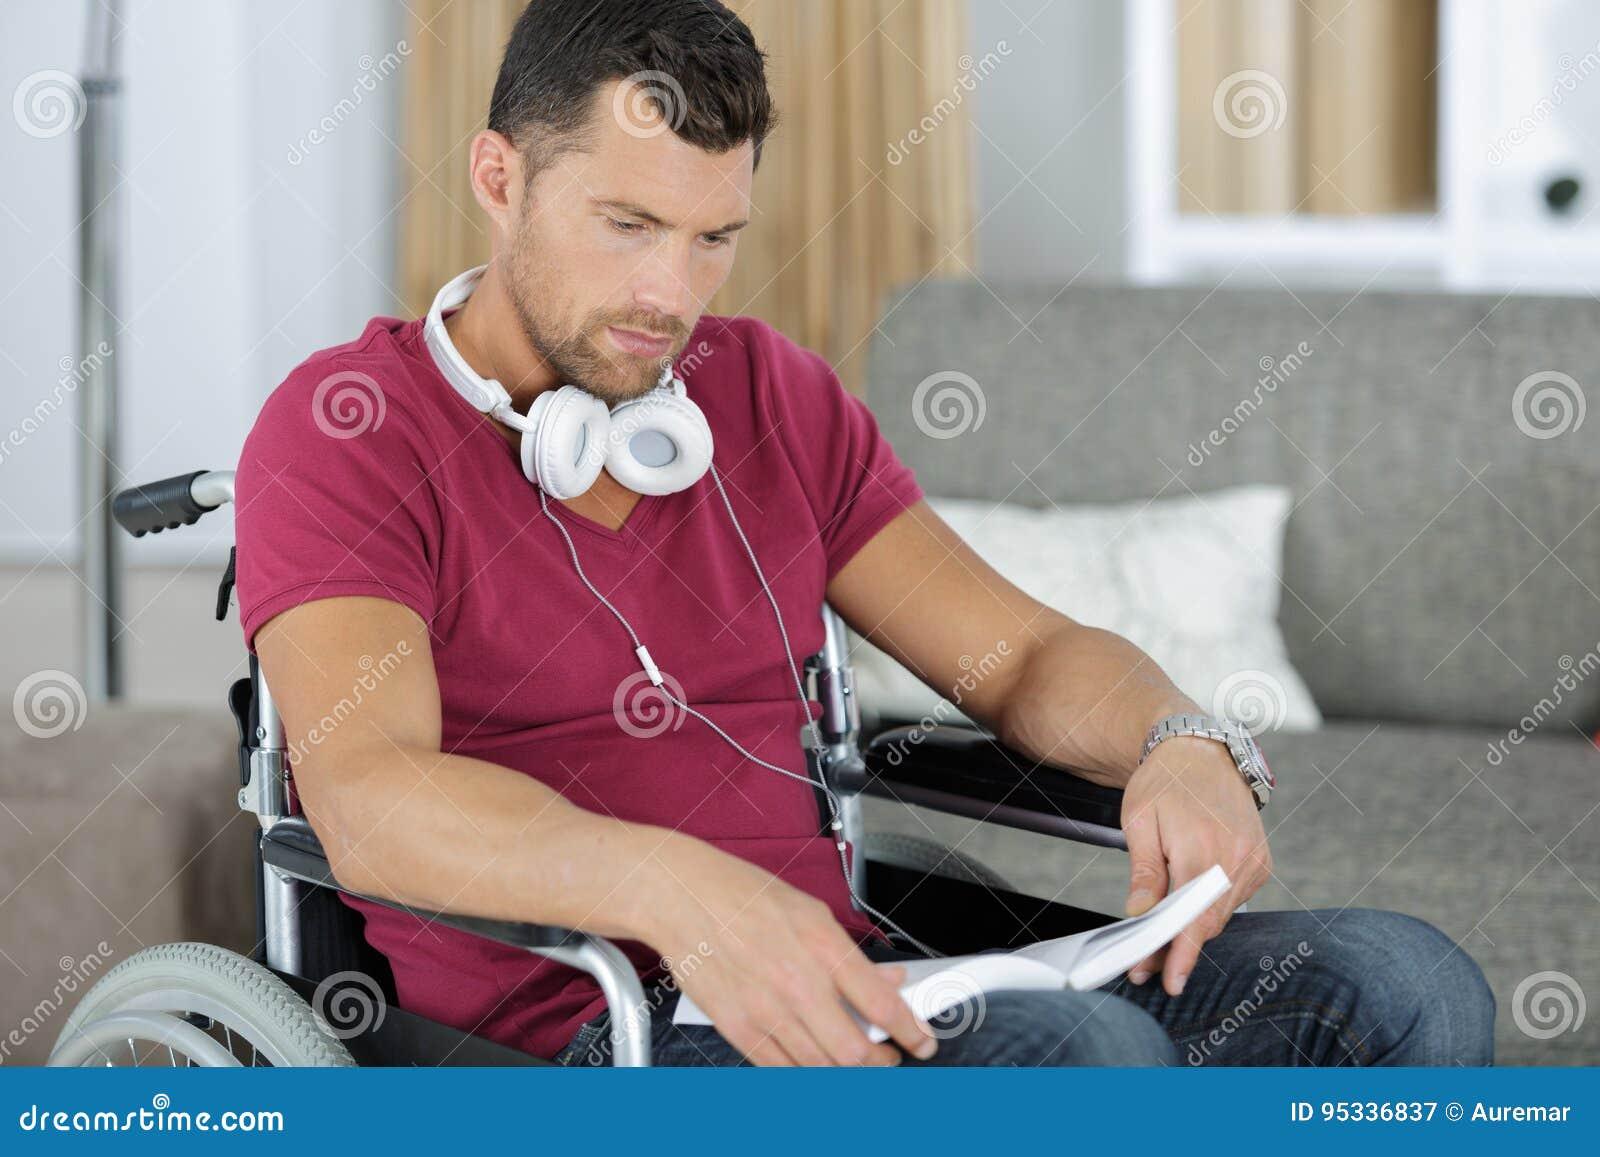 spotyka się z mężczyzną na wózku inwalidzkim randki 1d 2